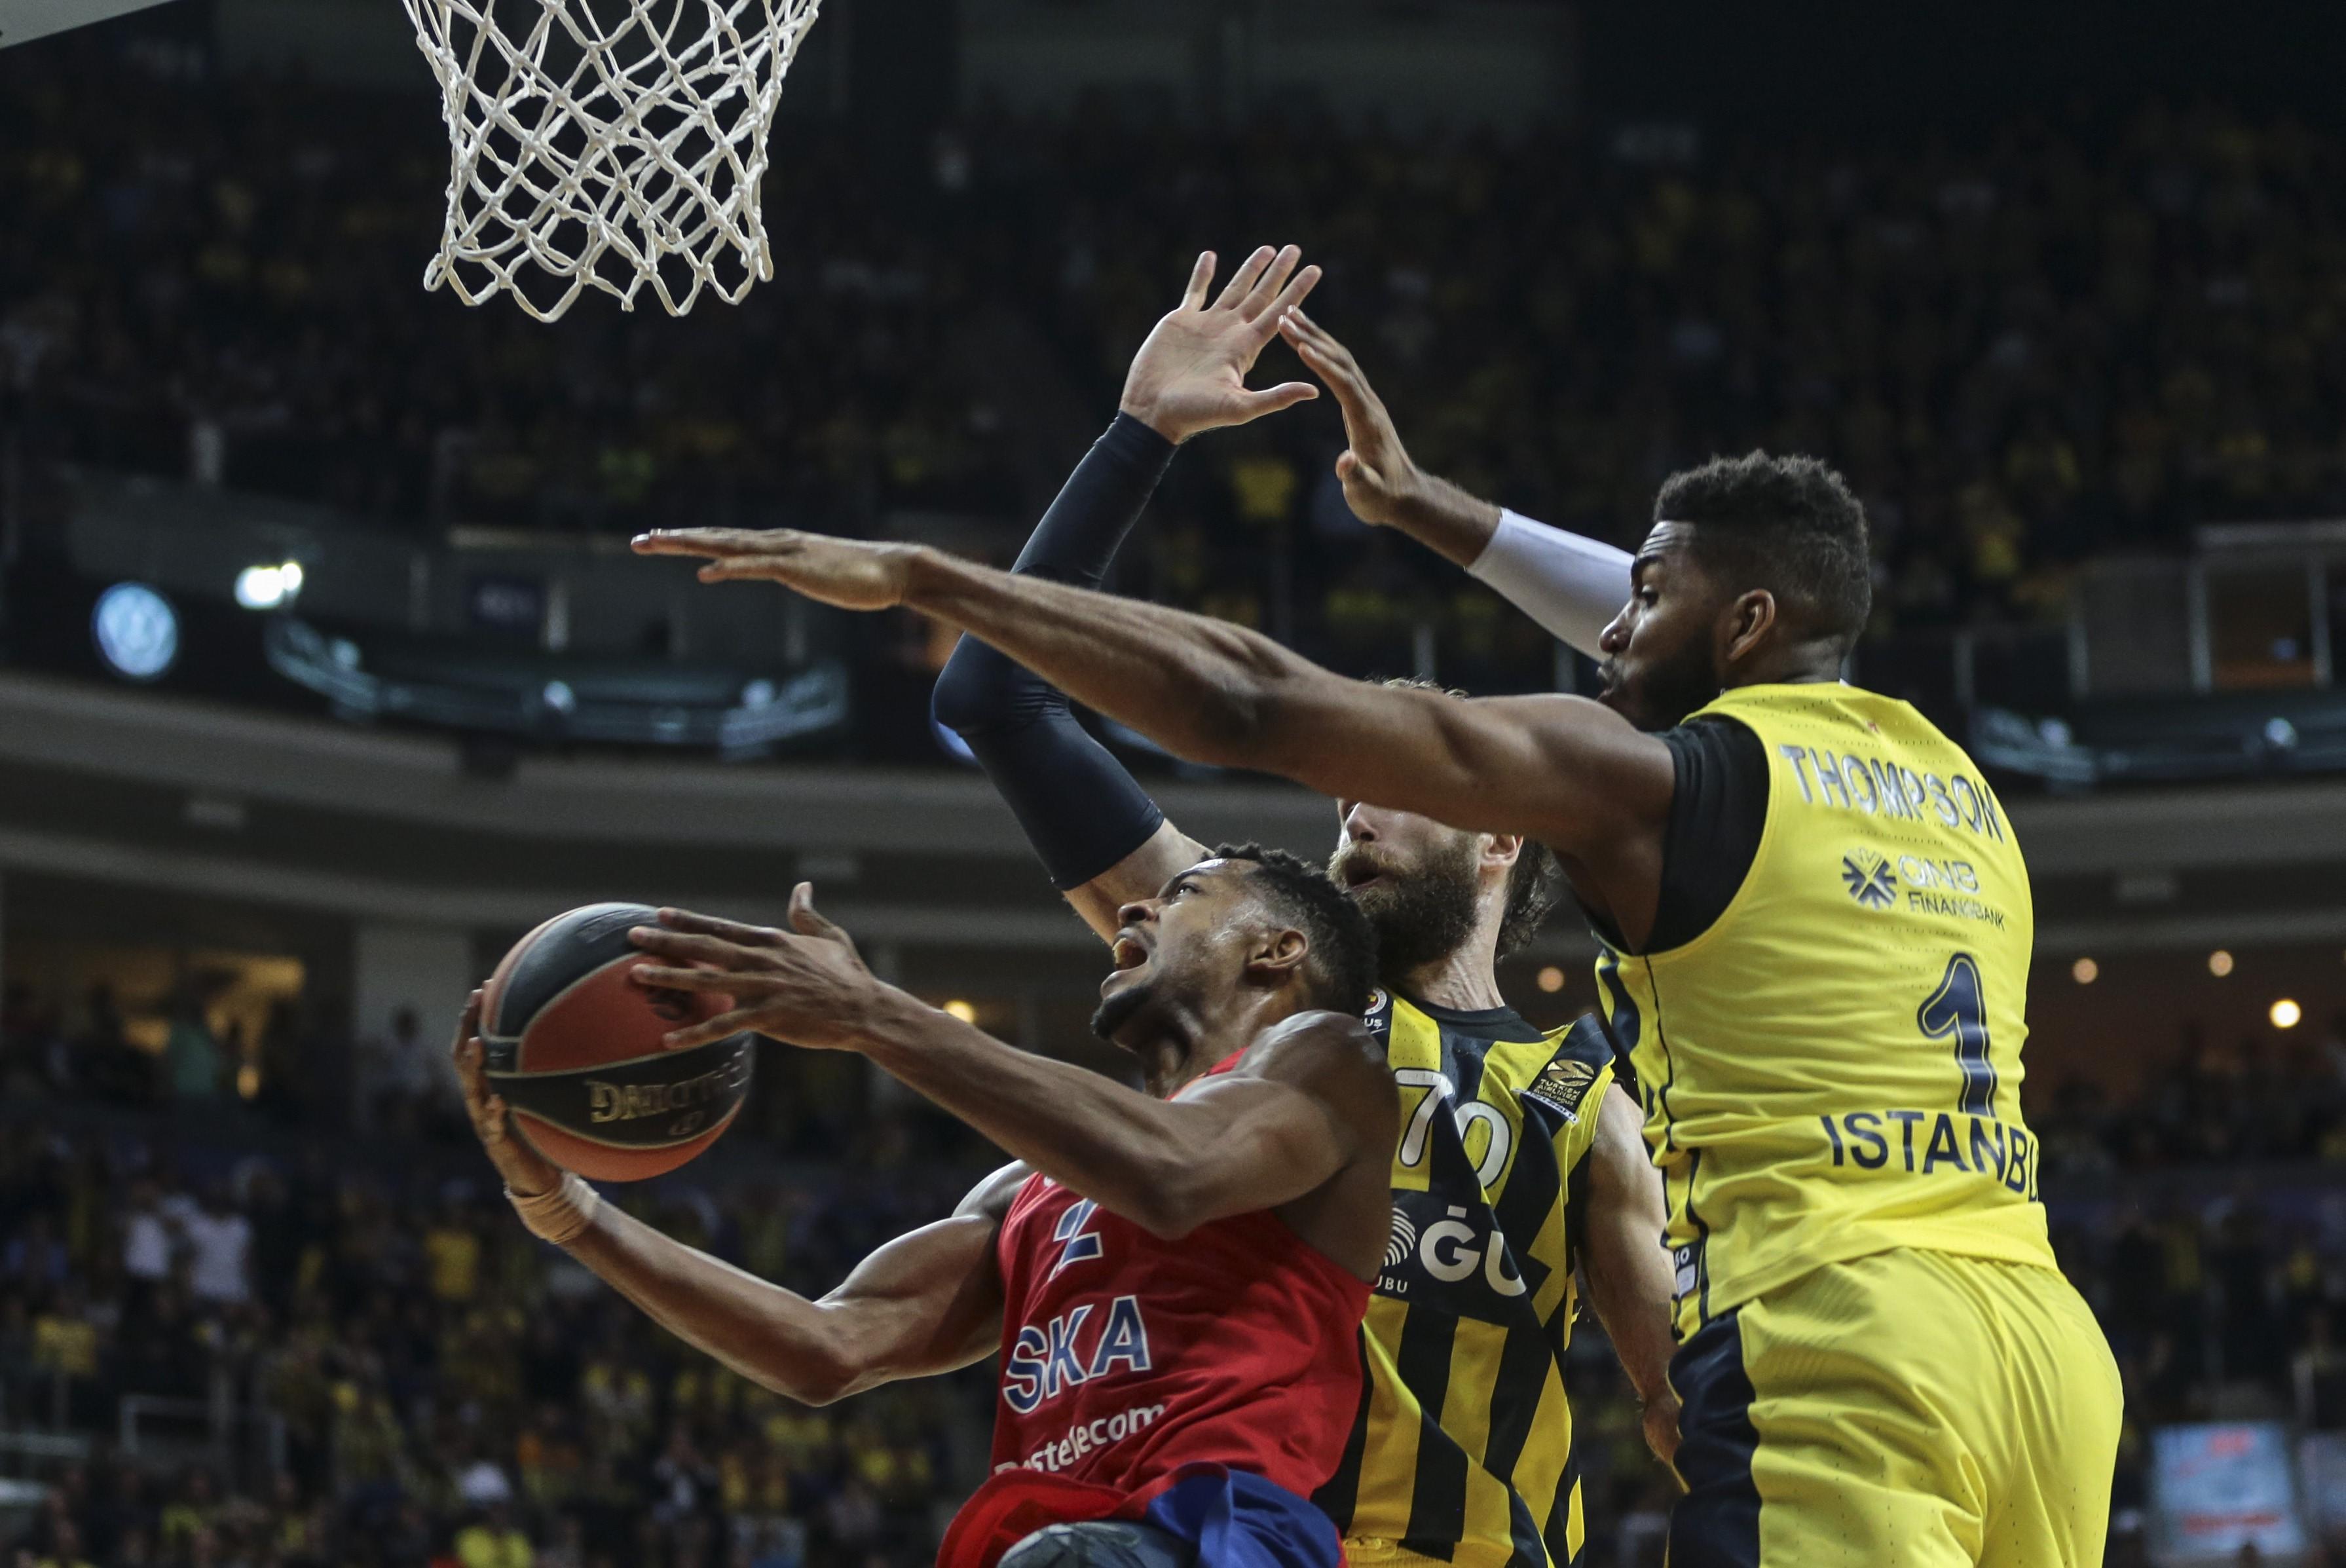 Cory Higgins (CSKA Moskova) vs Fenerbahçe Doğuş